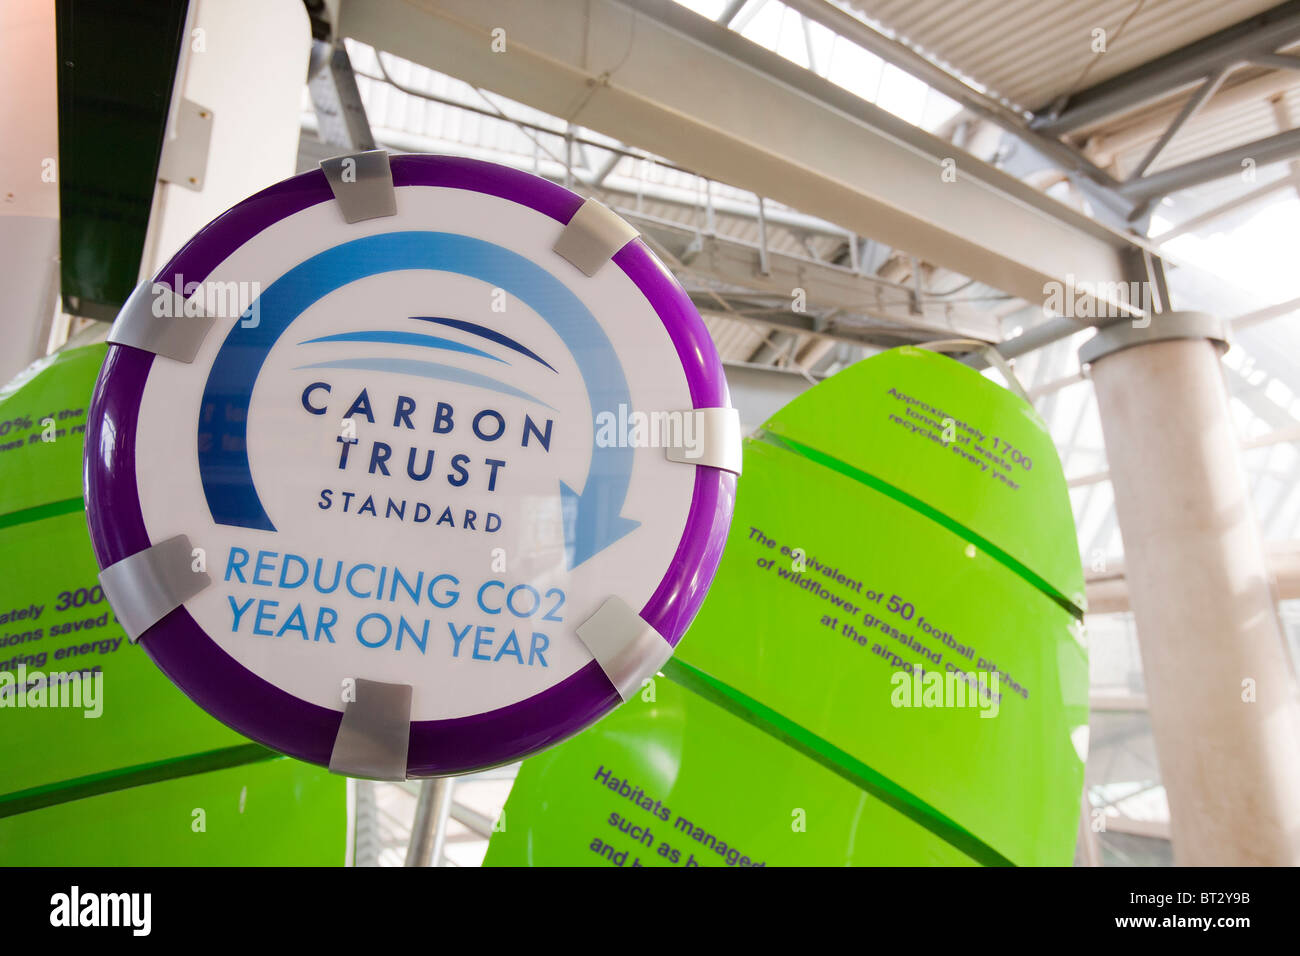 La Carbon Trust standard, il display all'aeroporto di Manchester, delineando come stanno riducendo le emissioni Immagini Stock